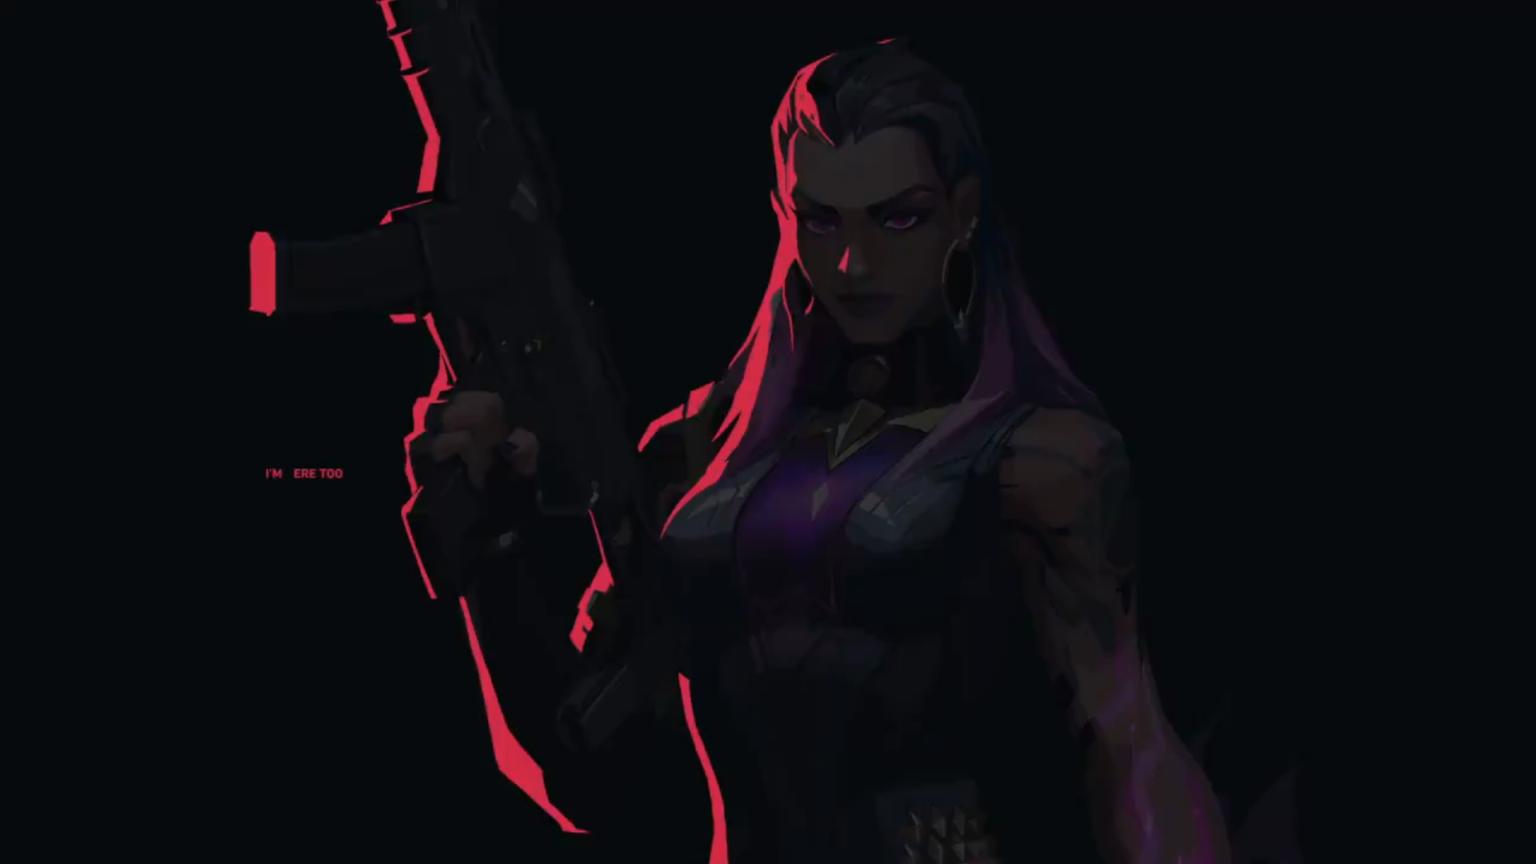 A nova agente de VALORANT é revelada em vídeo no Twitter, e ela é muito roxa